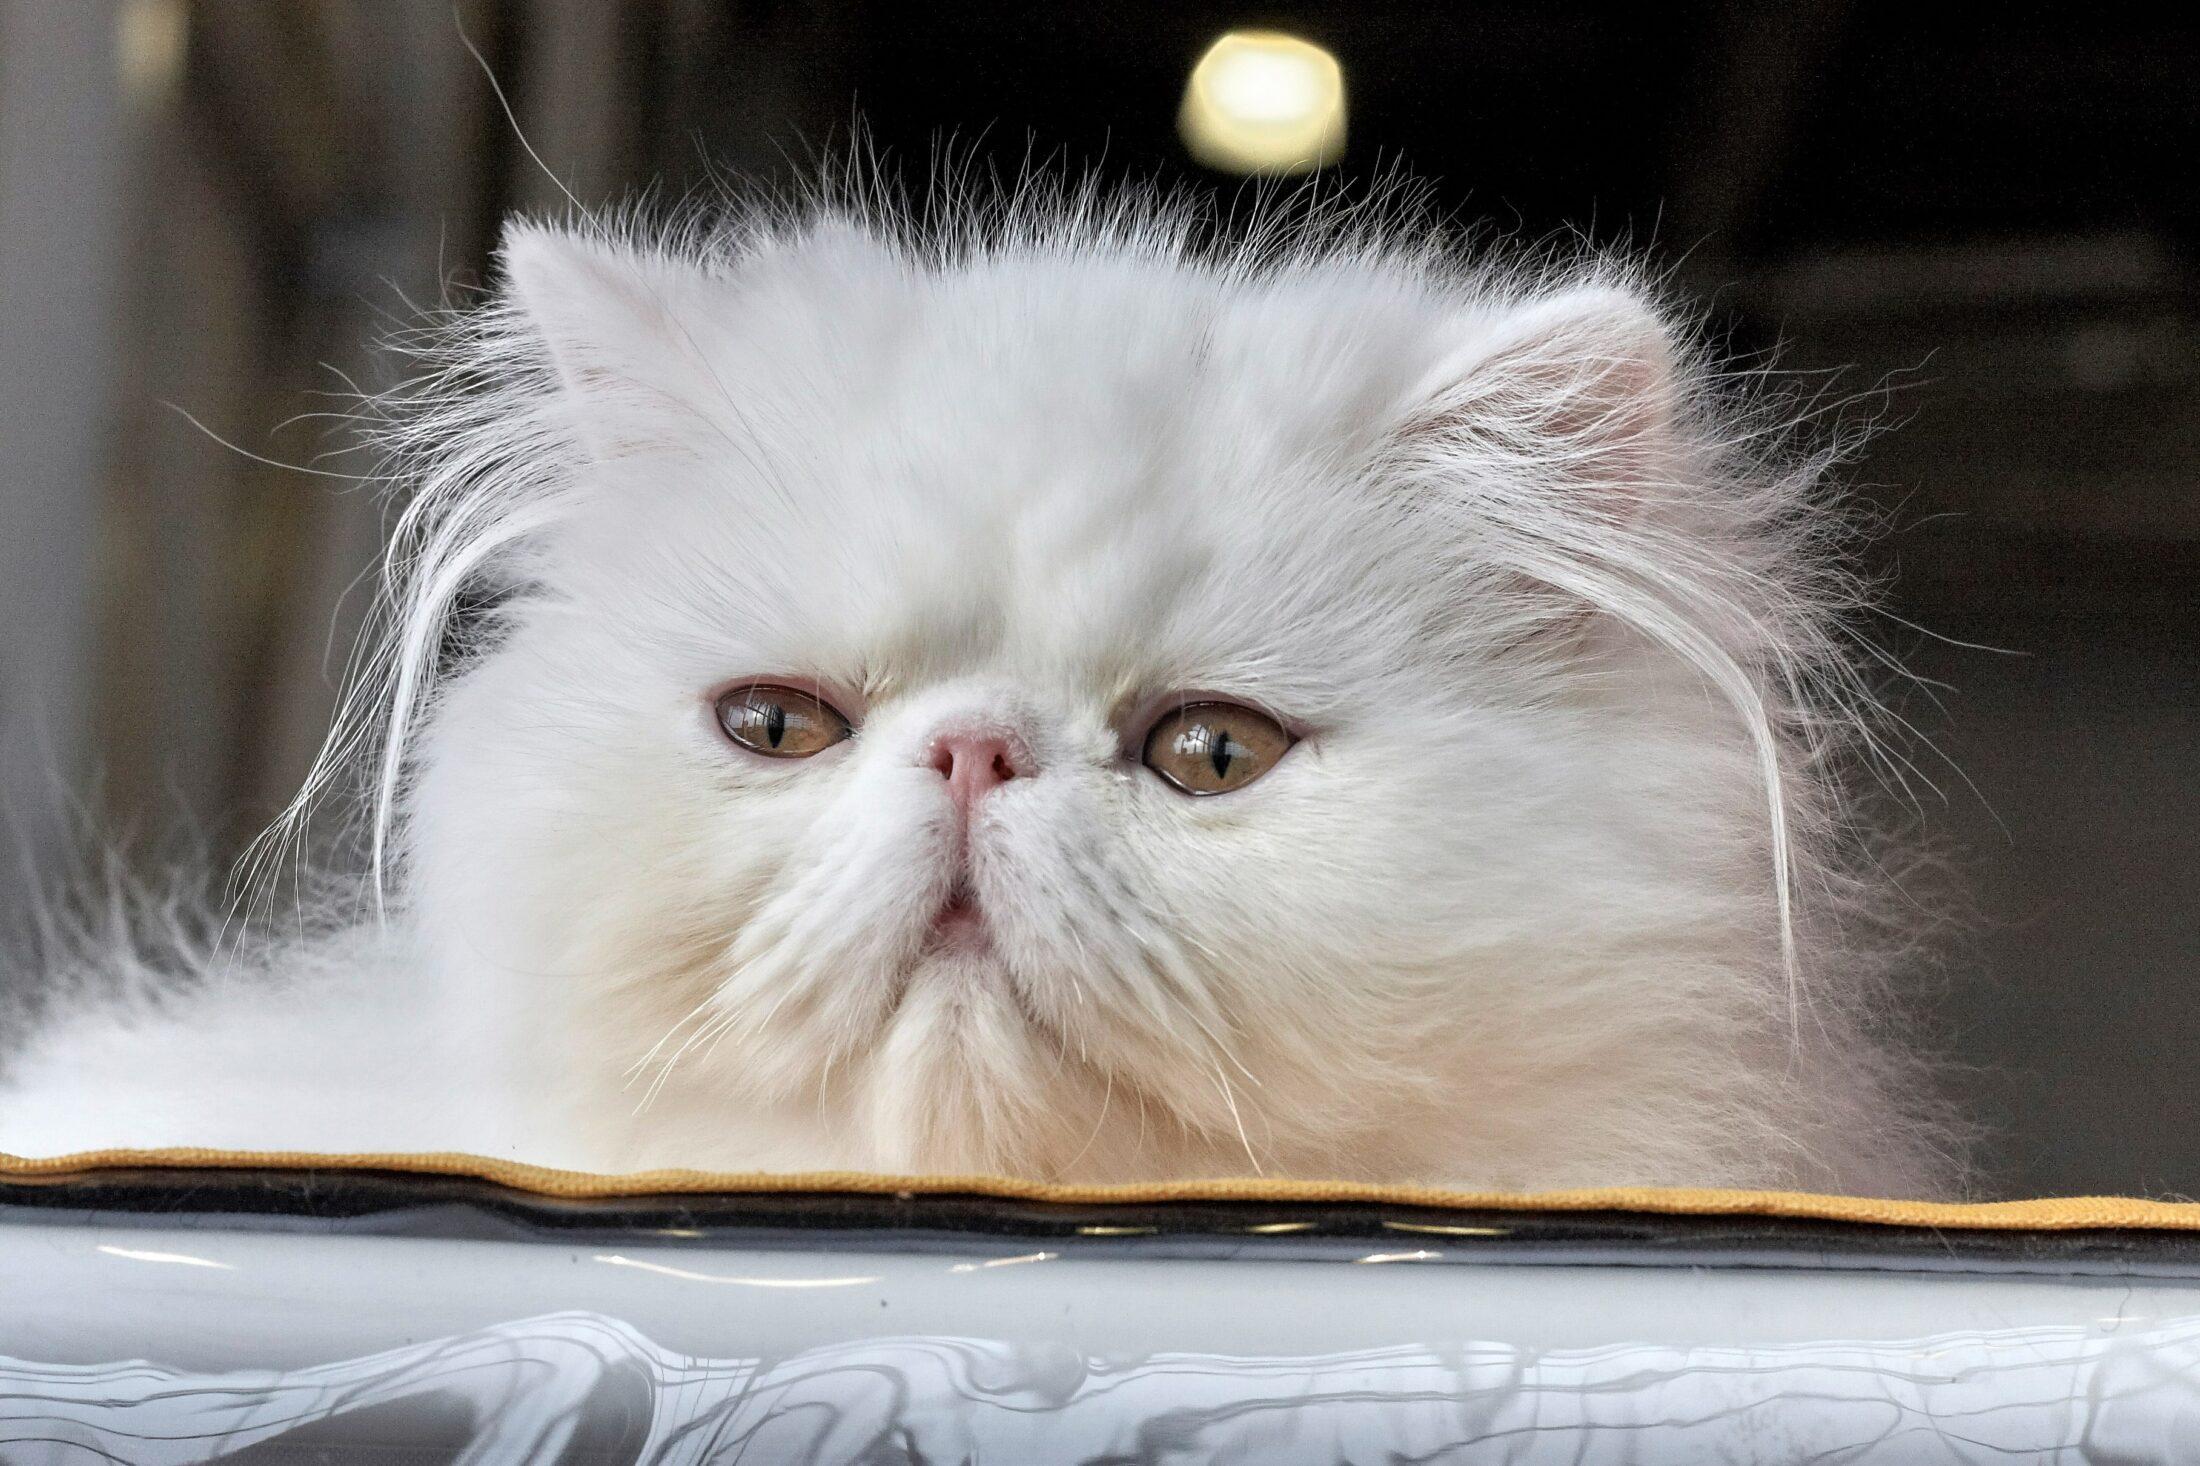 gatos de pelos longos persa